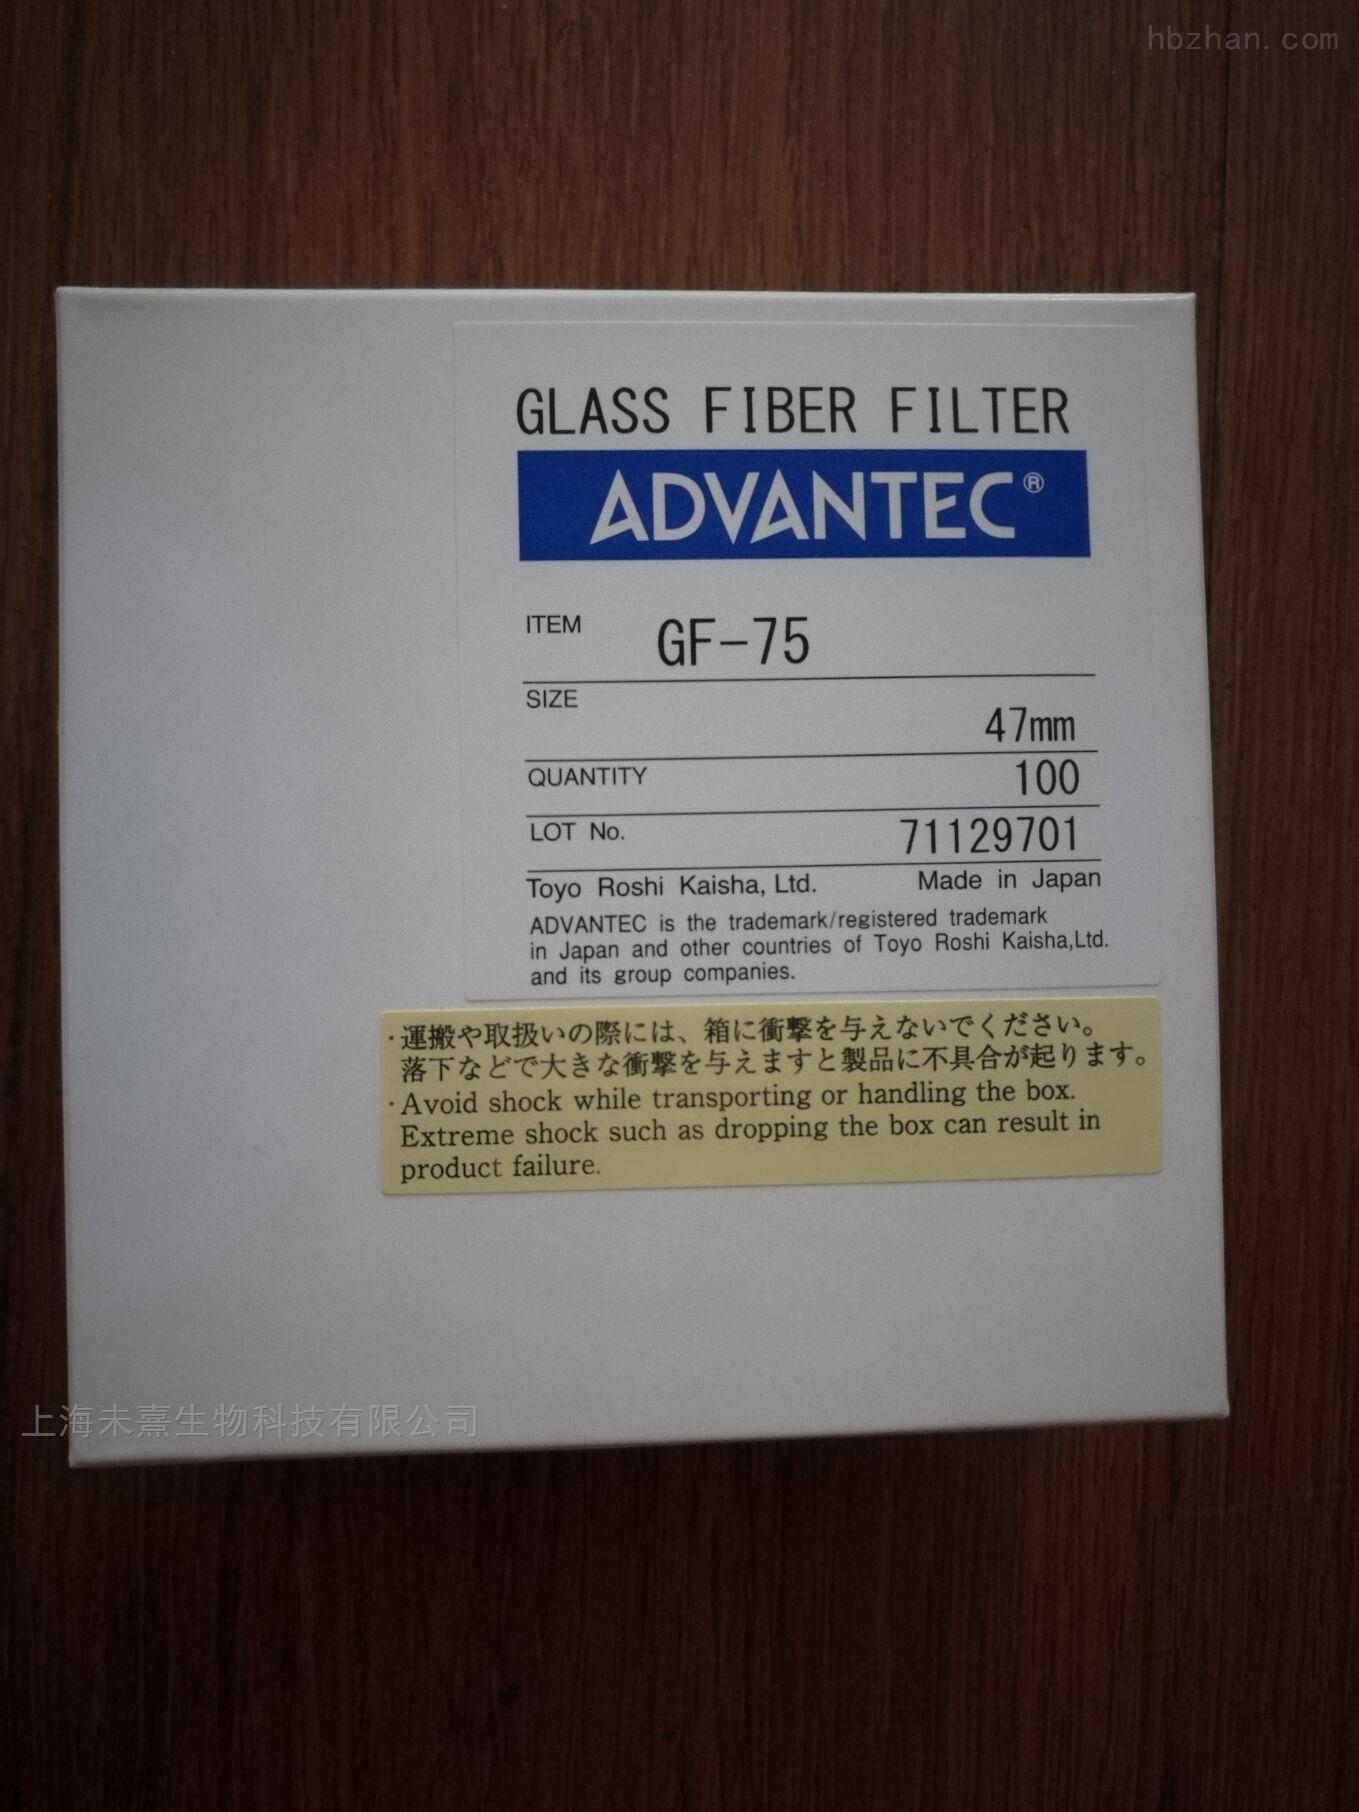 ADVANTEC孔径0.3um直径81mm玻璃纤维滤纸